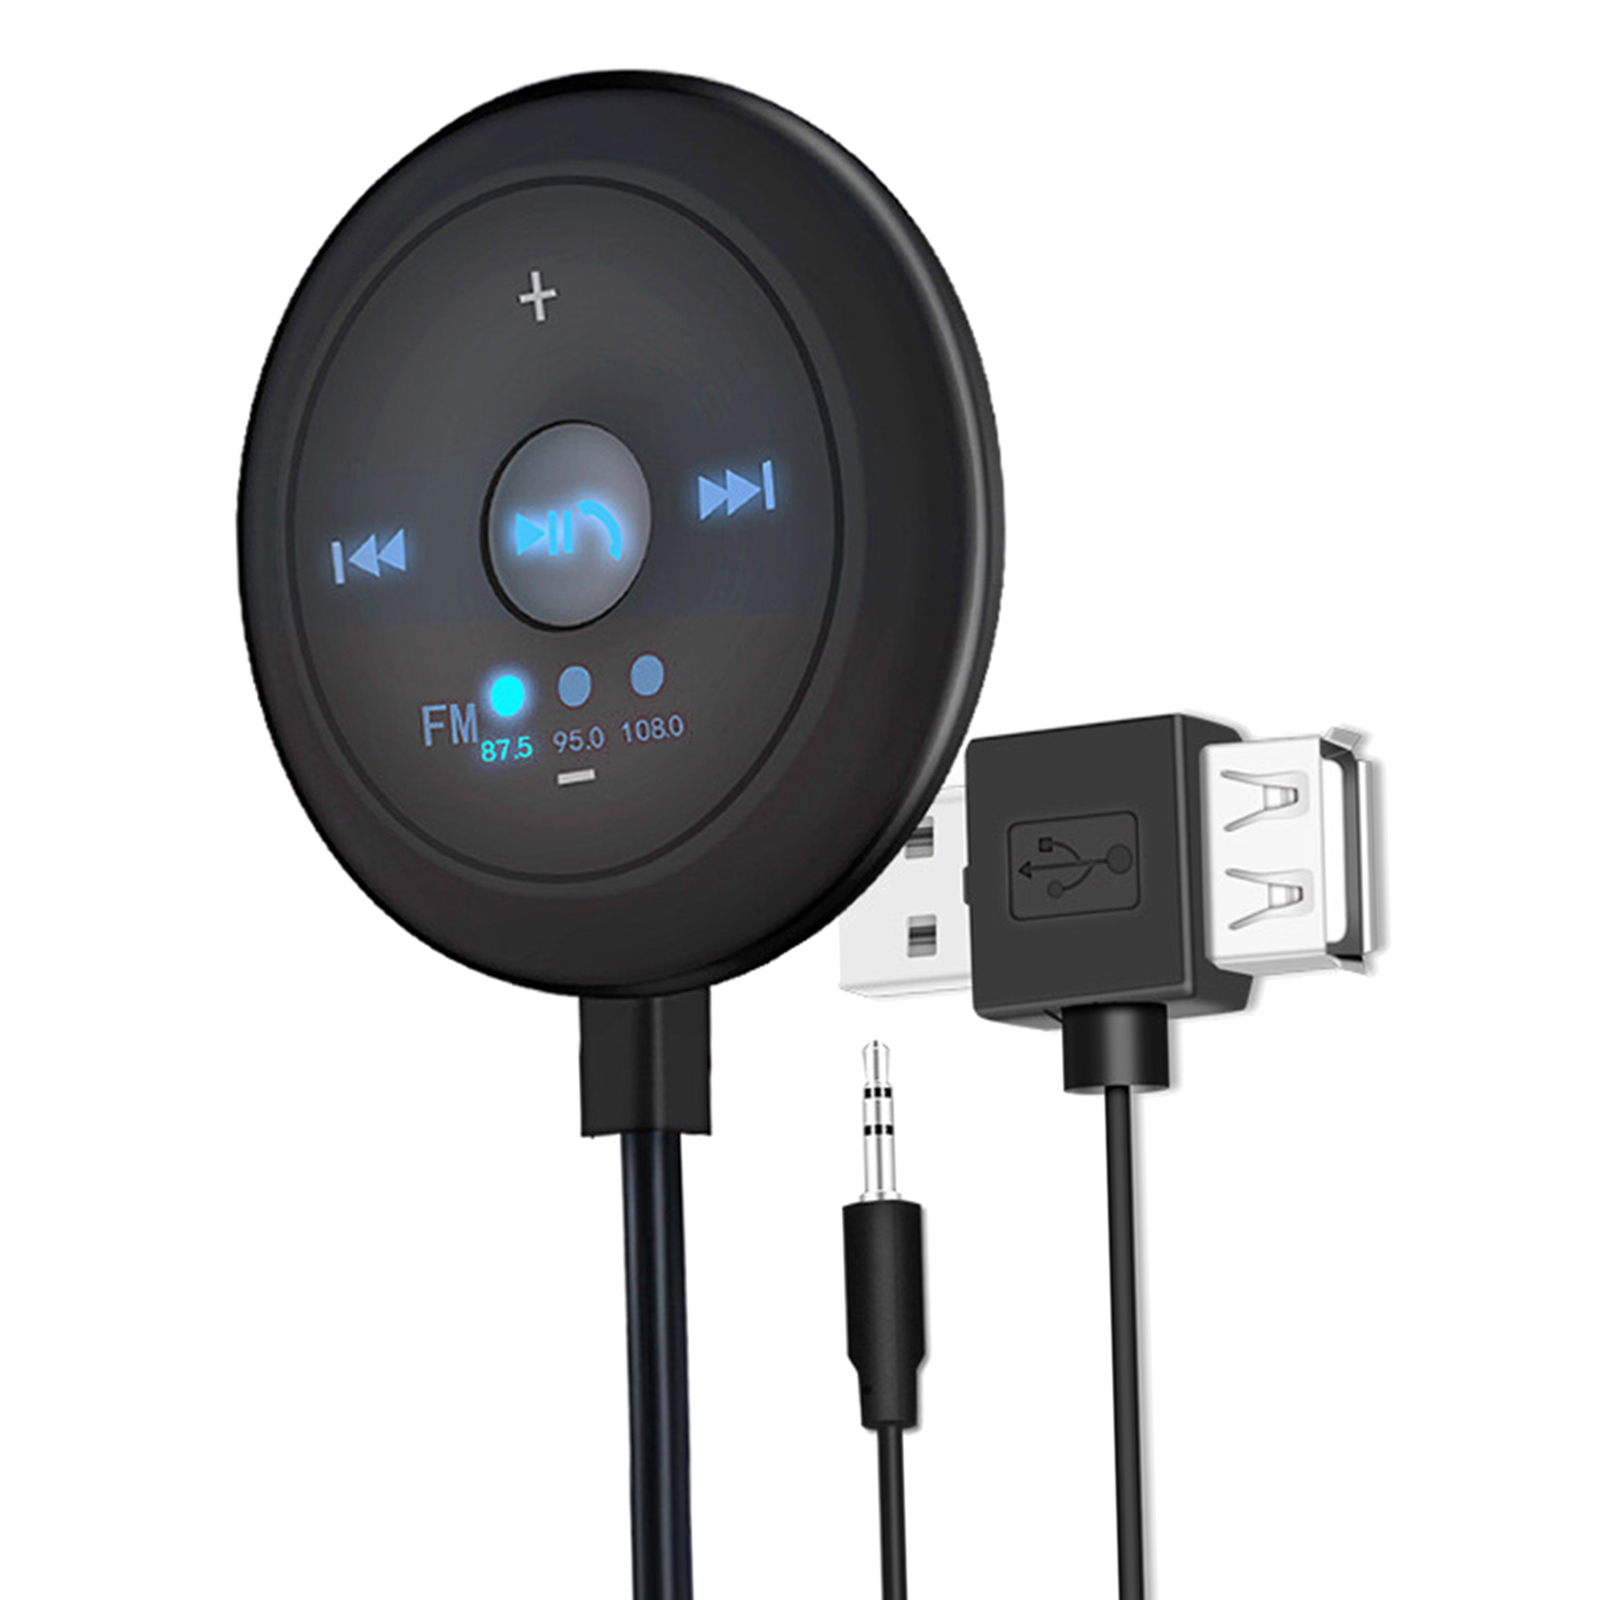 Indexbild 2 - AUX Audio Adapter 2 in 1 FM Transmitter Basis Eingebaute Mic 5x5x1,7 cm für